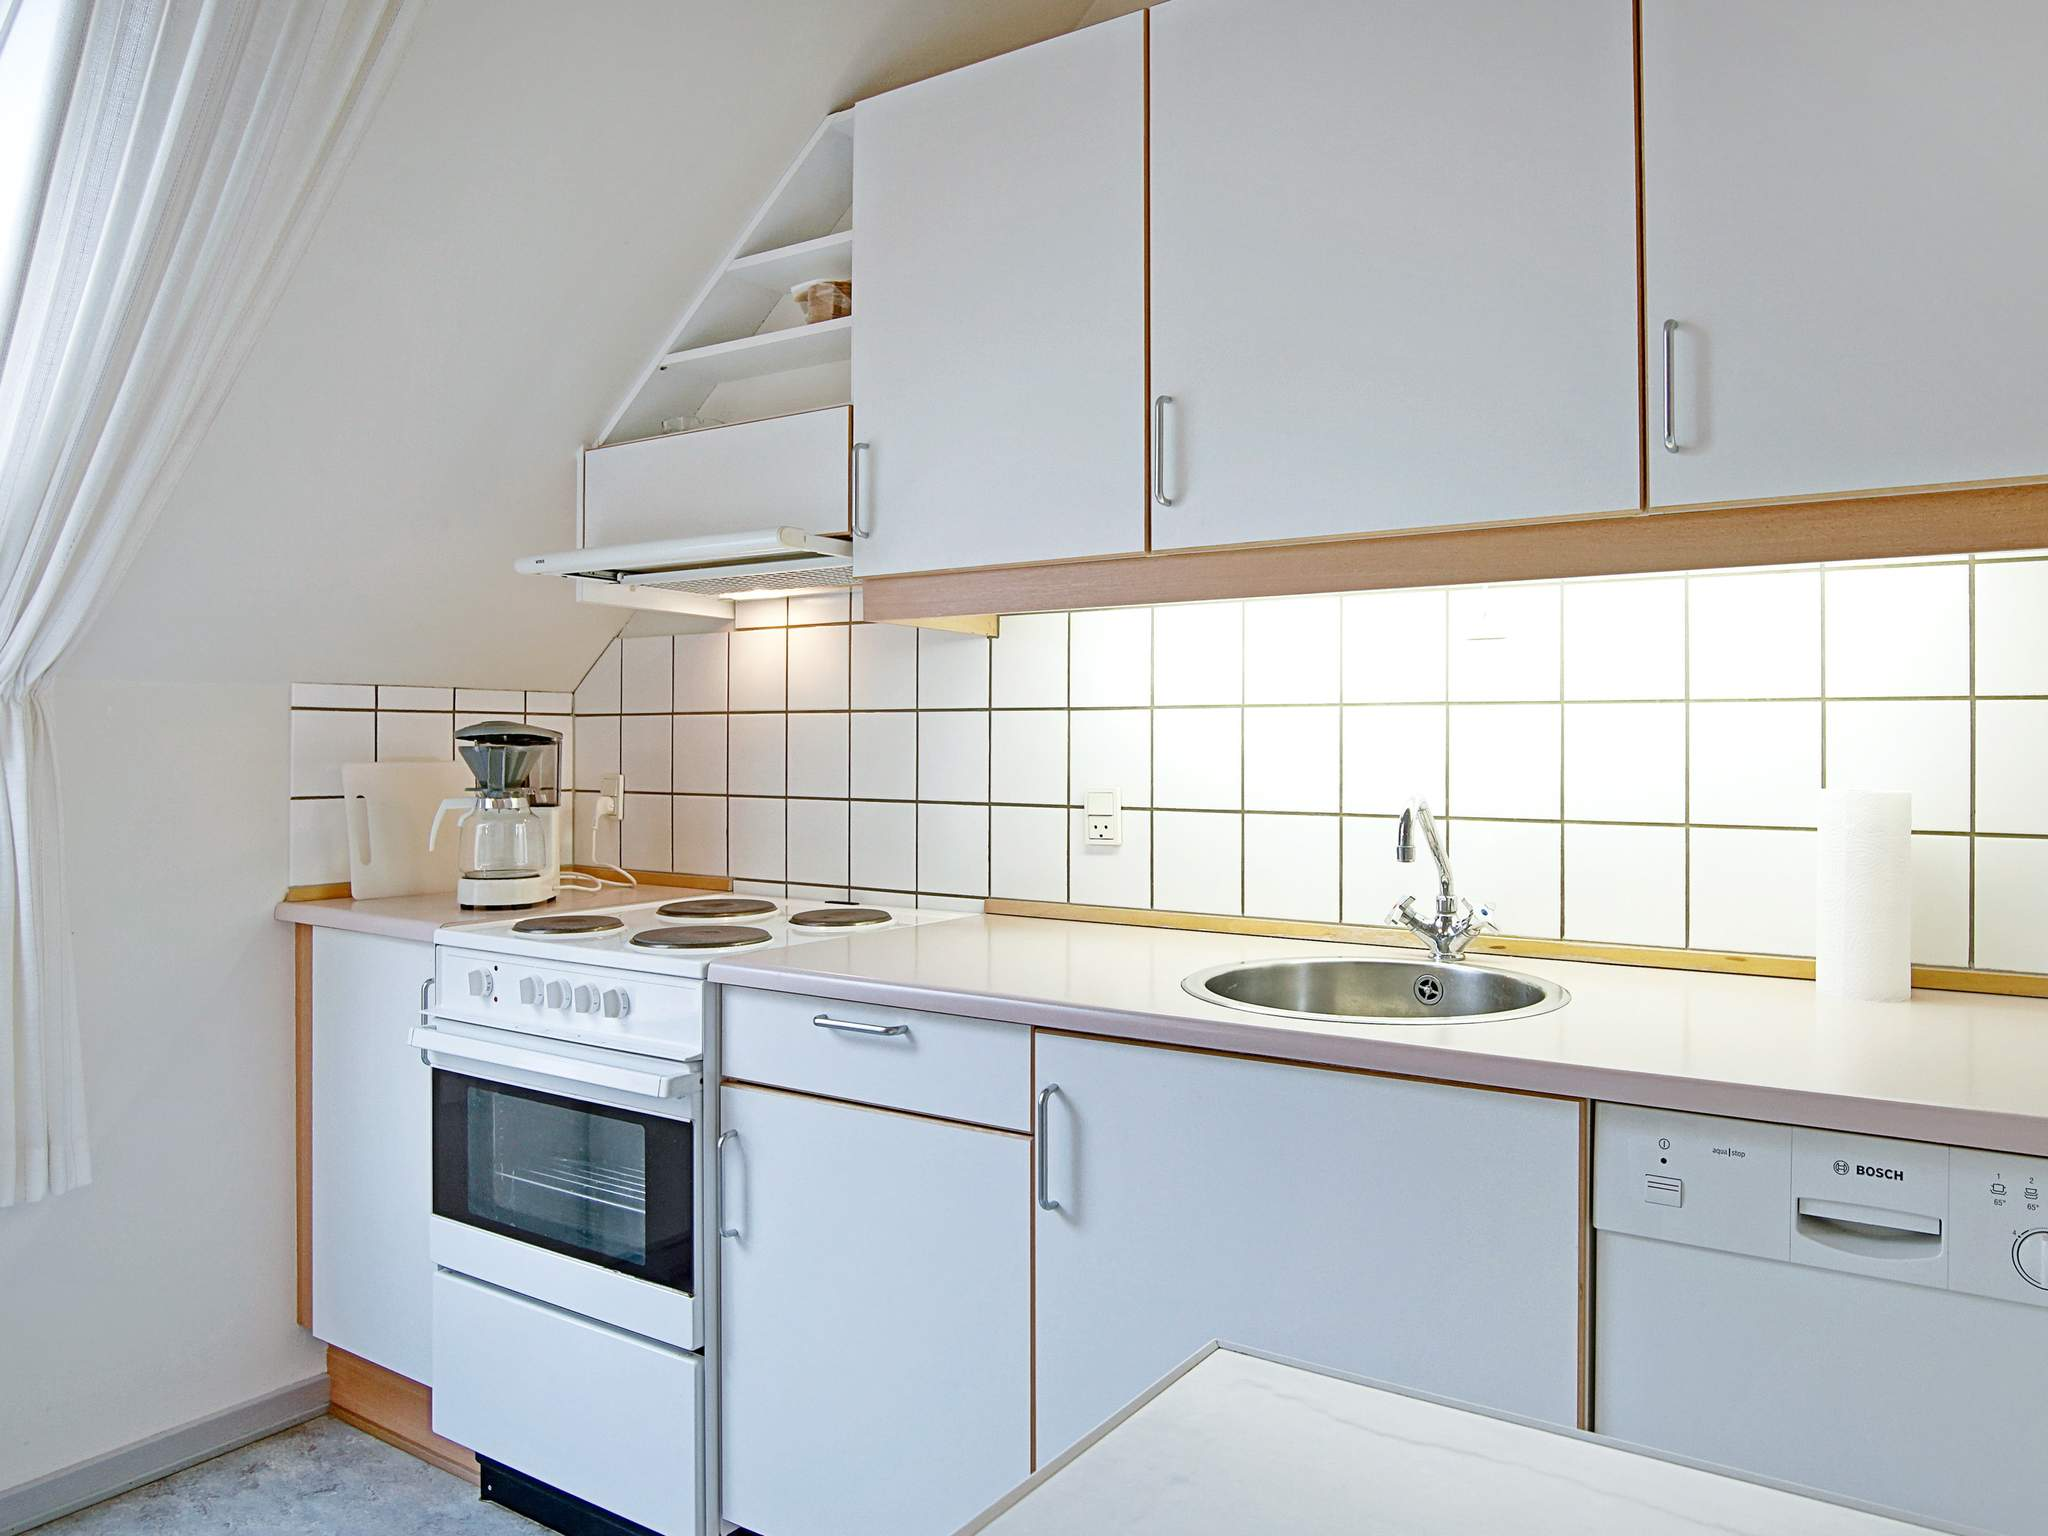 Ferienhaus Gudhjem (385014), Gudhjem, , Bornholm, Dänemark, Bild 5